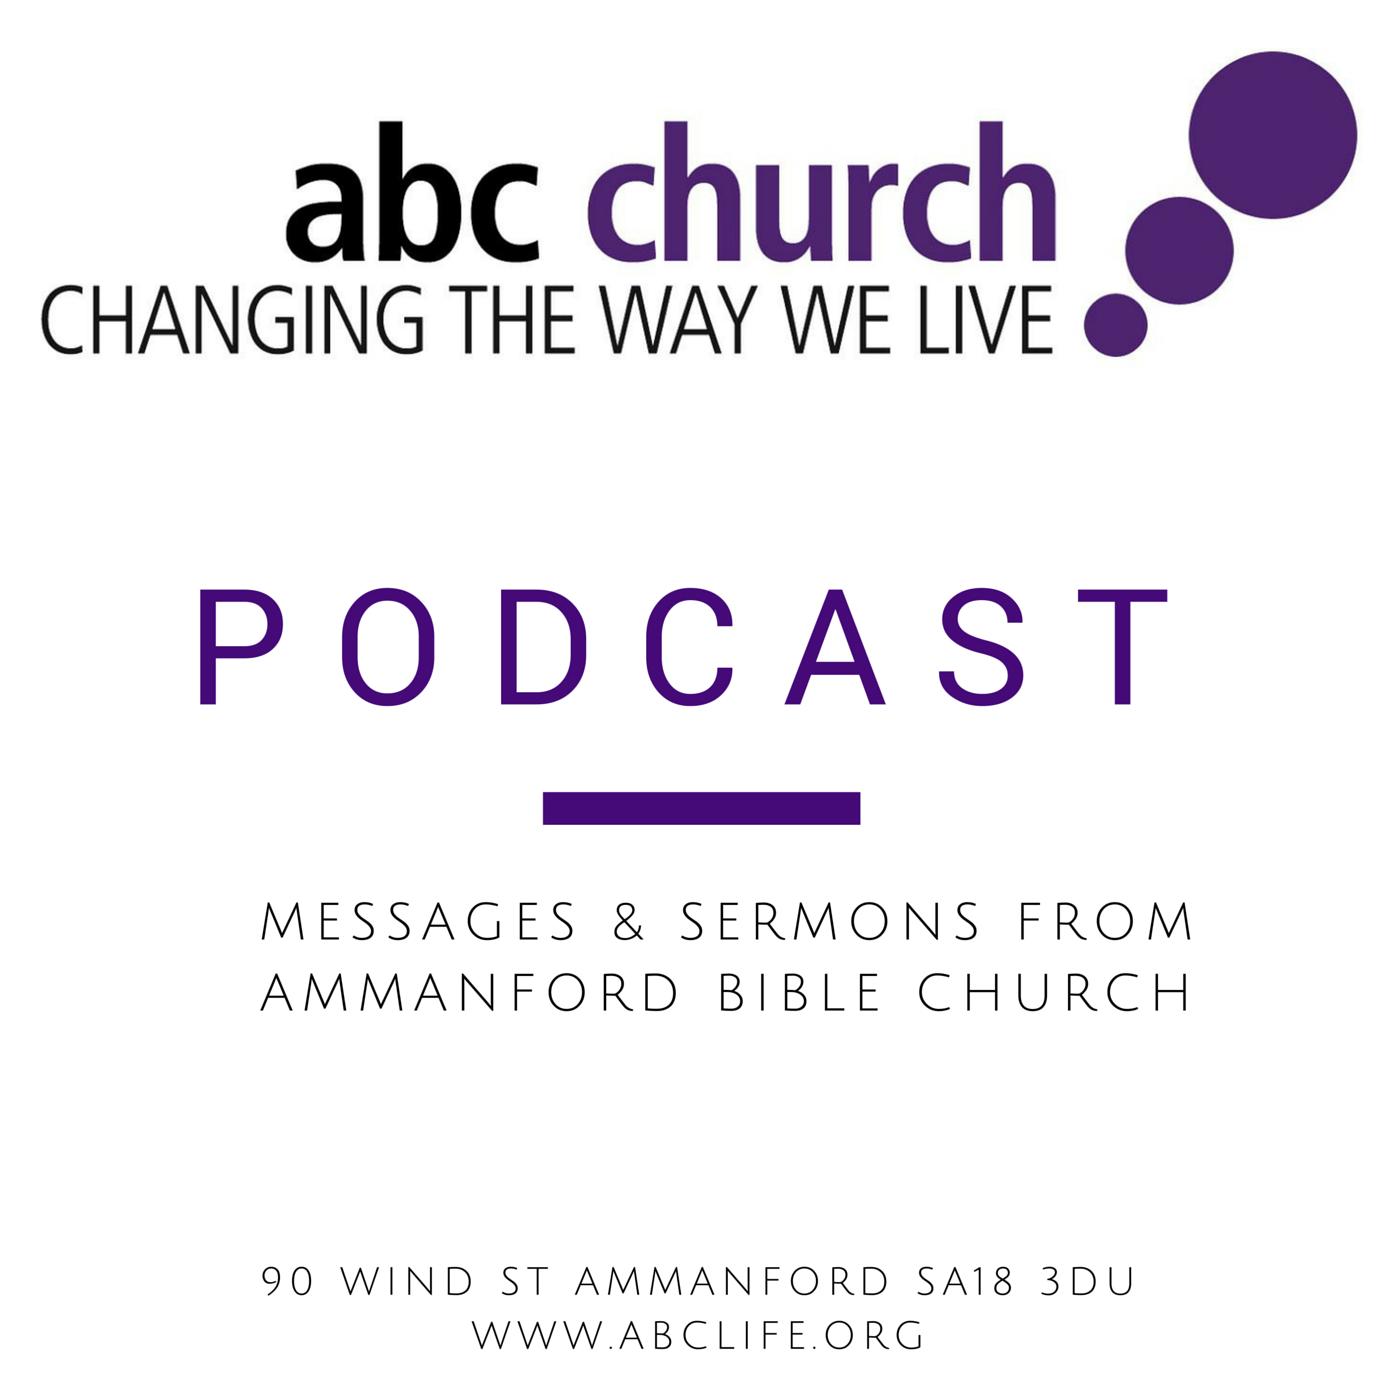 ABC Church Podcast